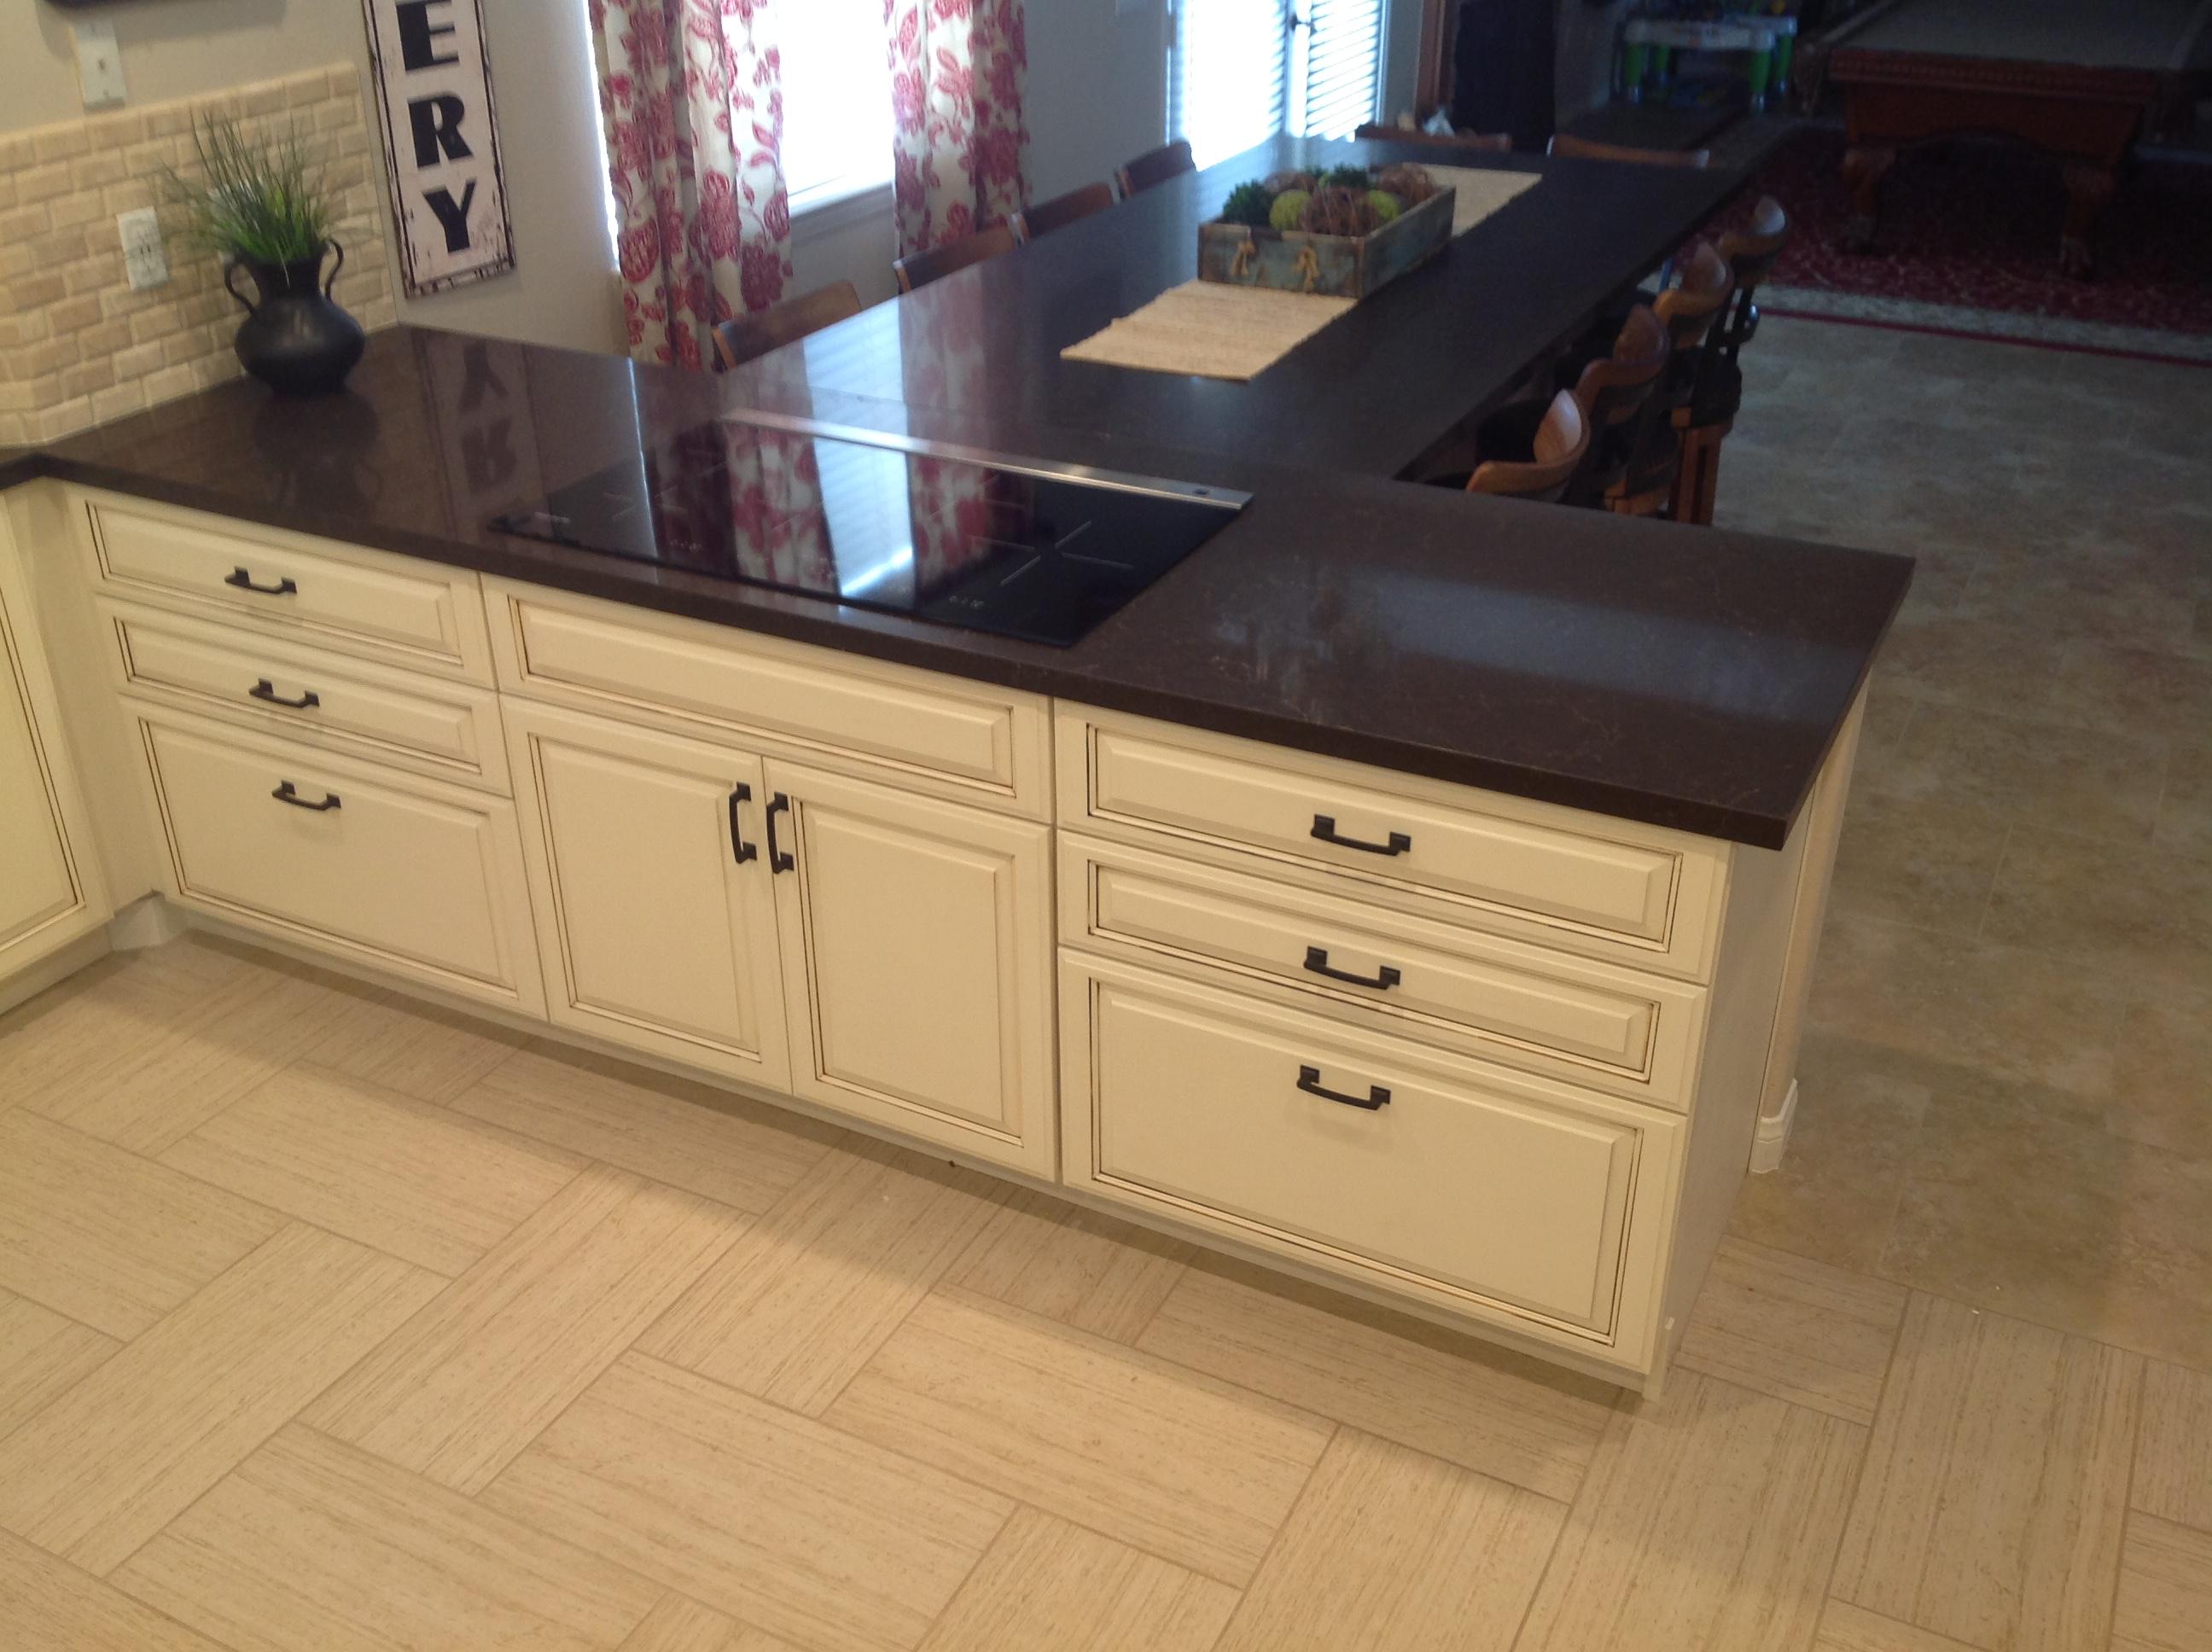 granite kitchen remodeling kitchen remodel las vegas IMG